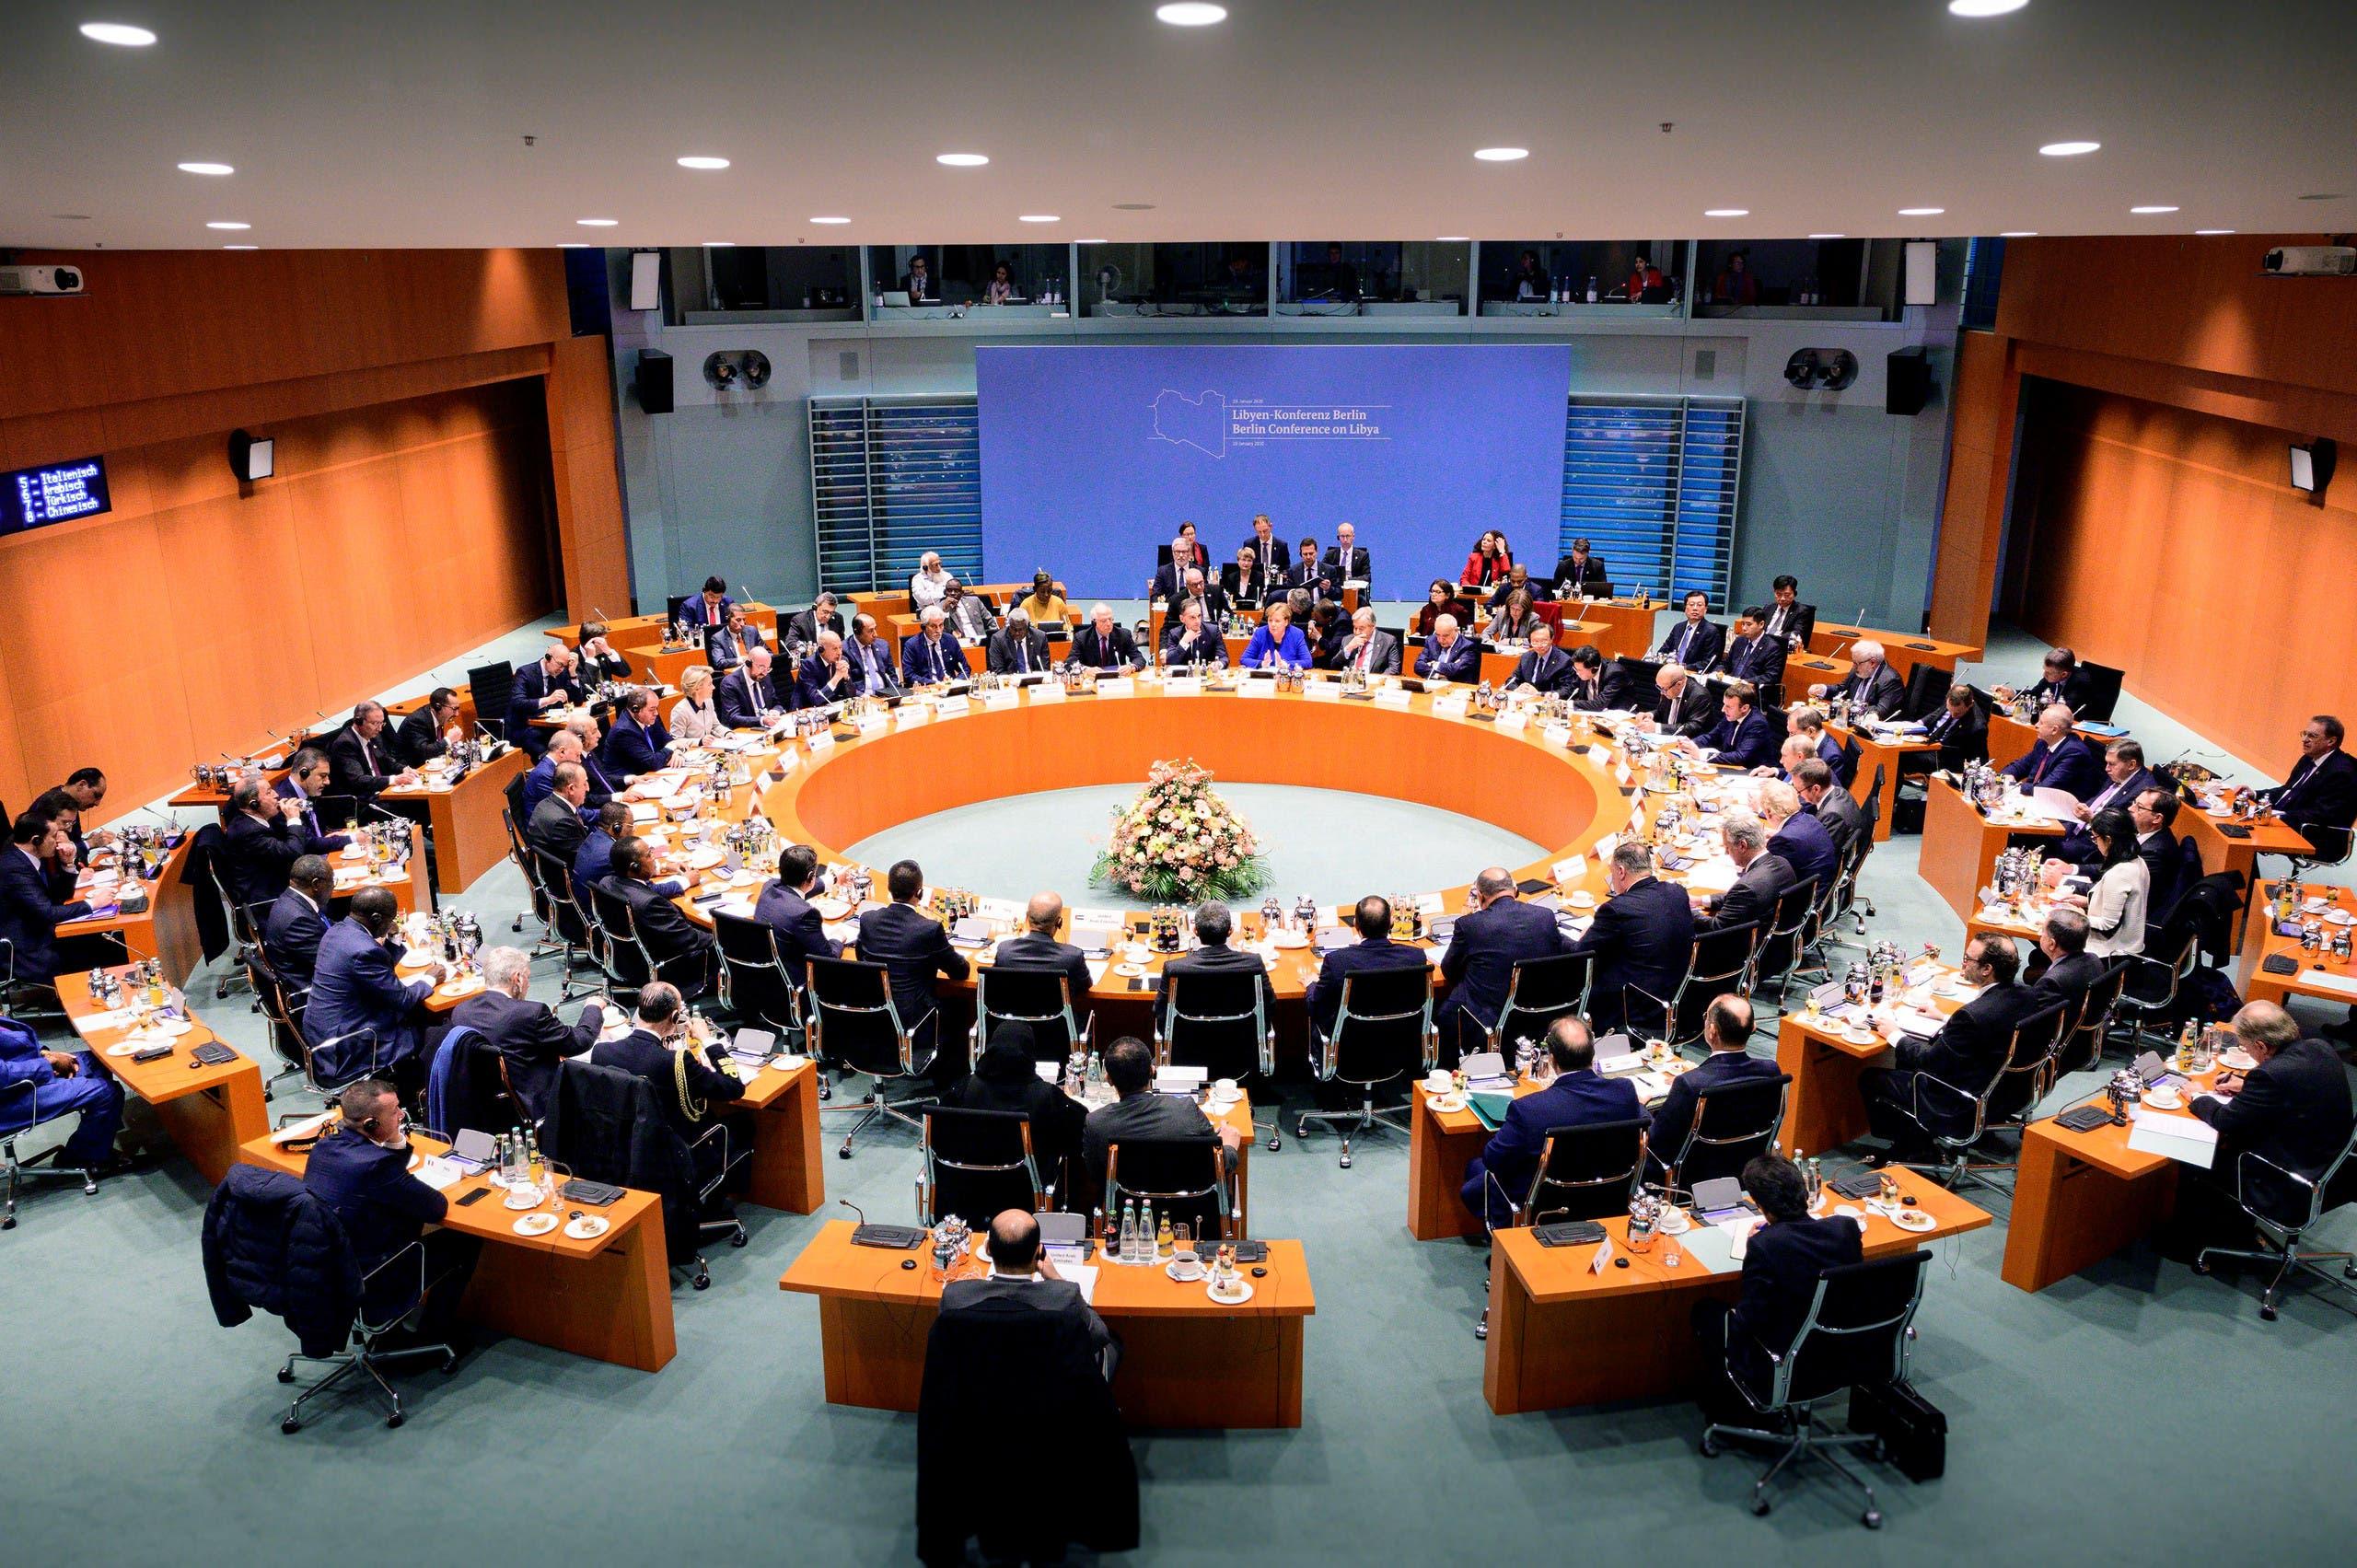 من مؤتمر برلين حول ليبيا والذي انعقد في يناير الماضي